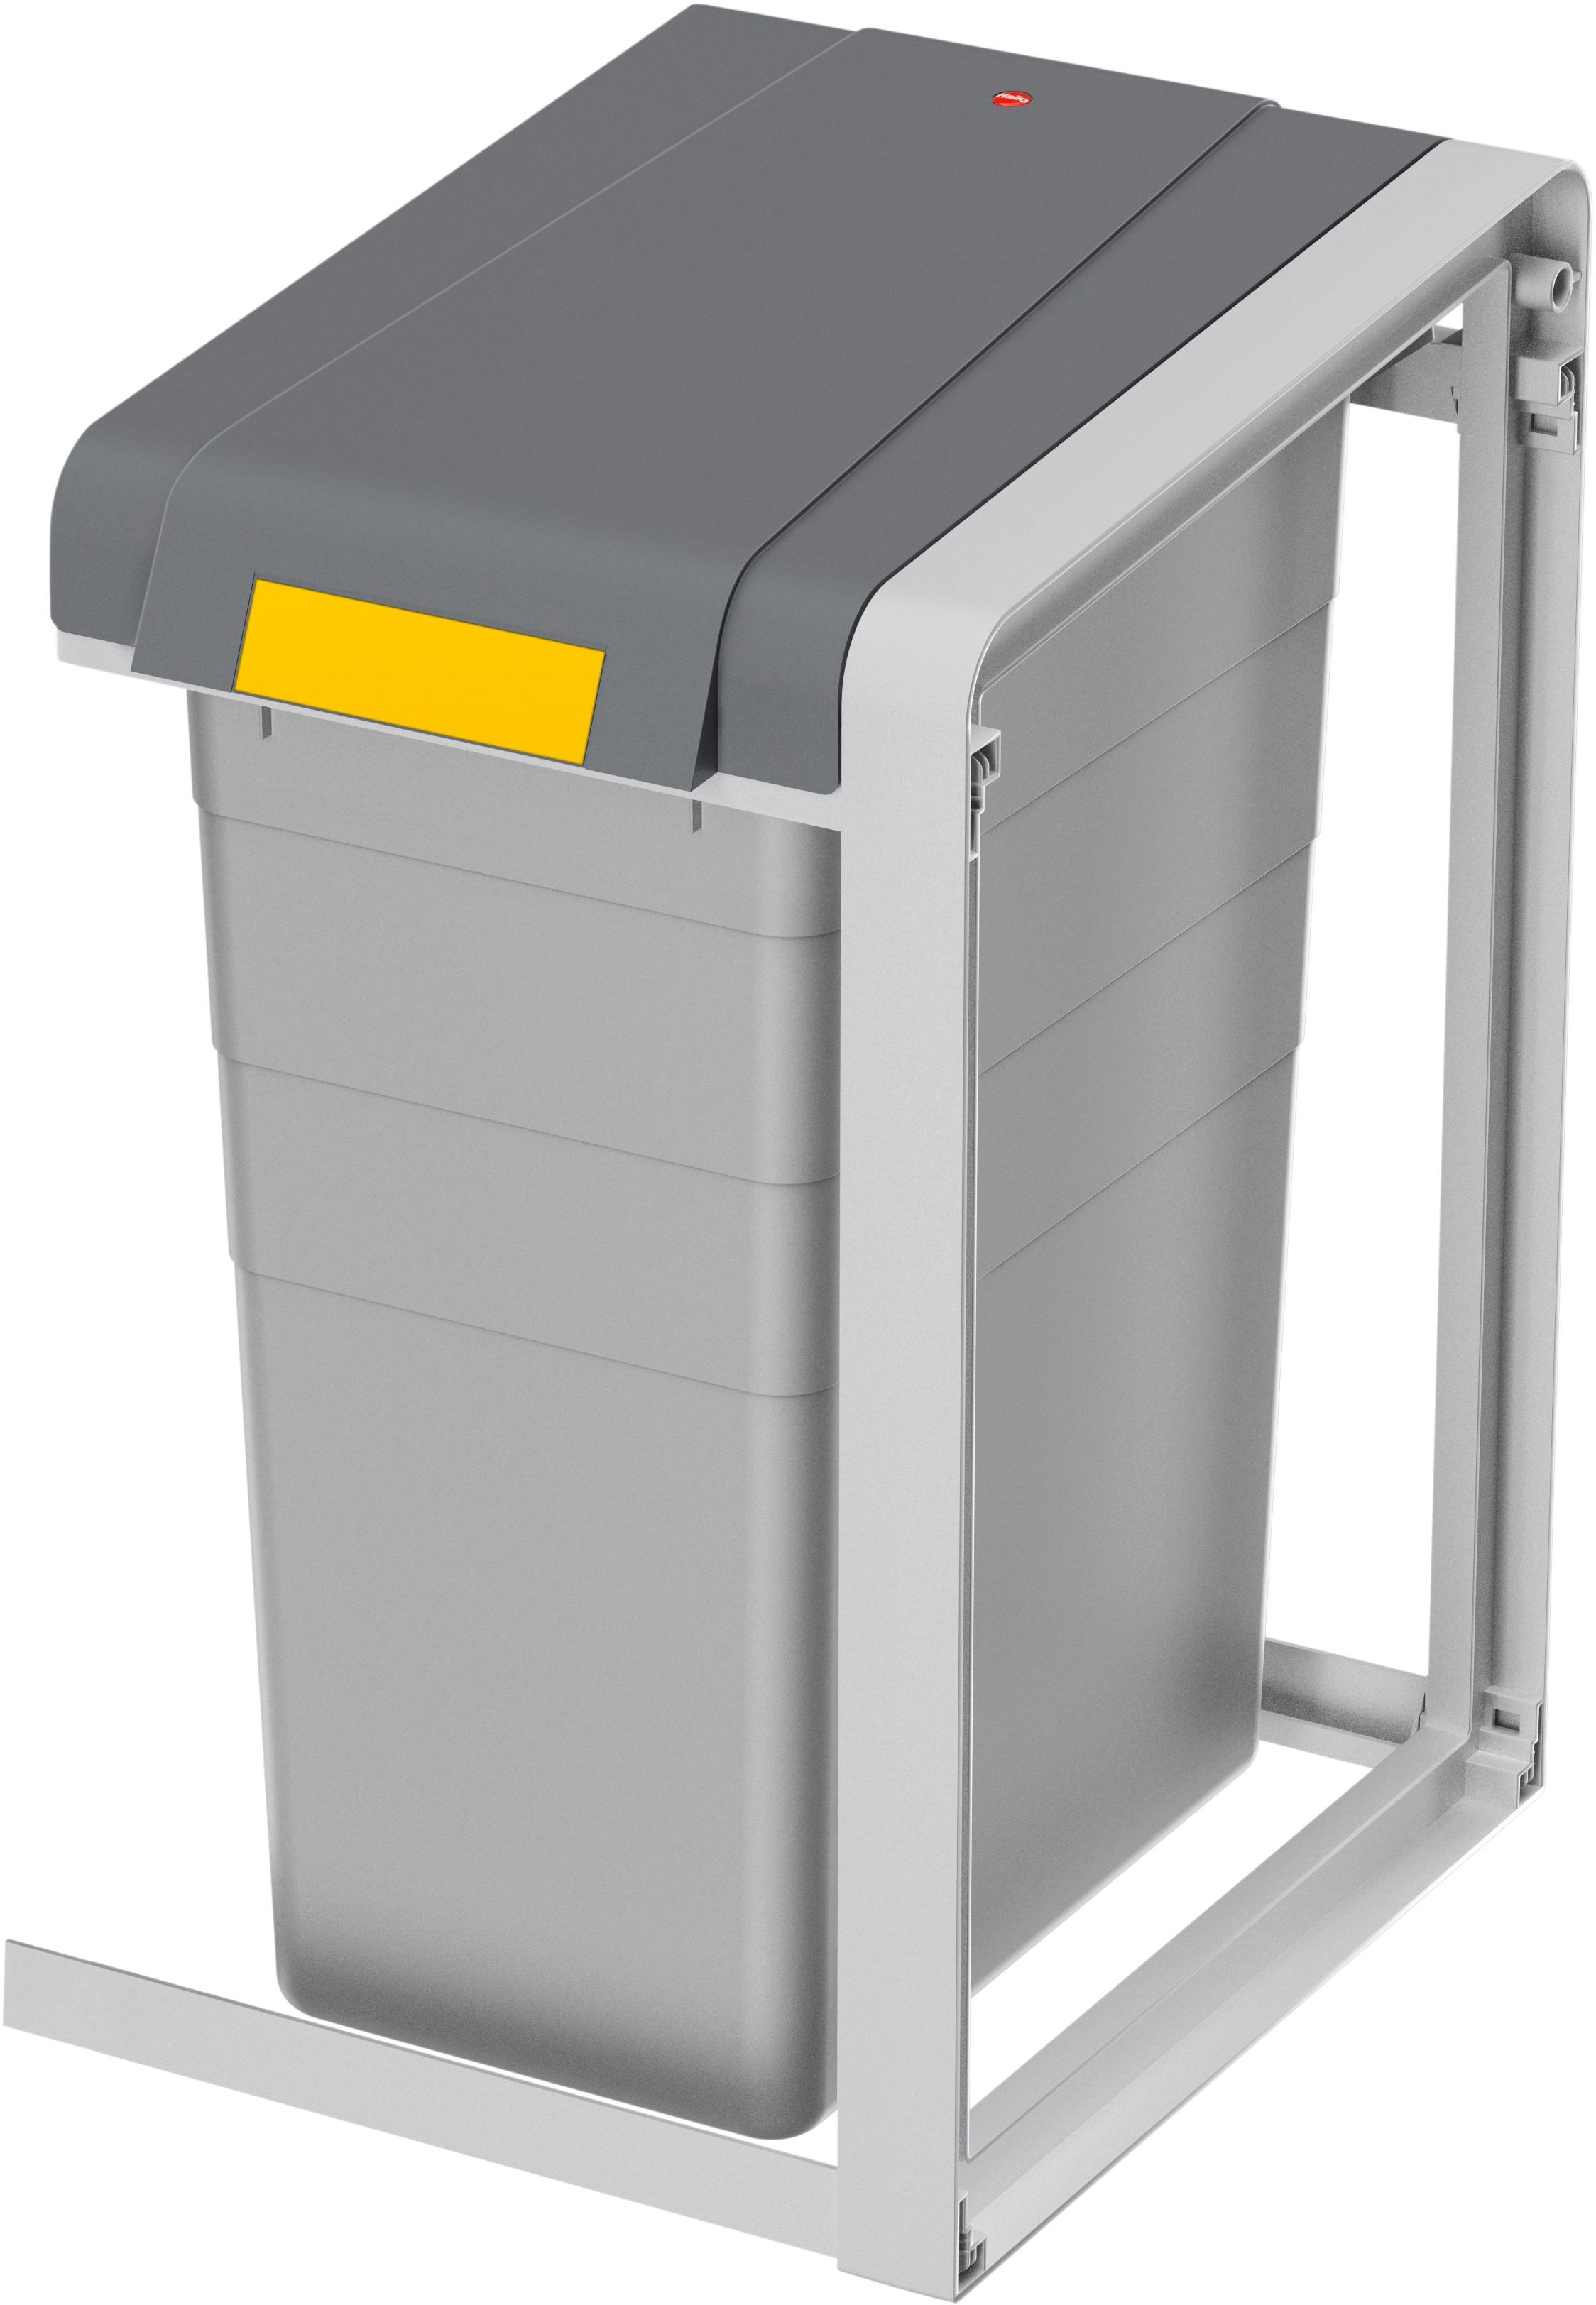 Hailo Mülltrennsystem ProfiLine Öko XL,Erweiterungseinheit,38l grau Mülleimer Küchenhelfer Haushaltswaren